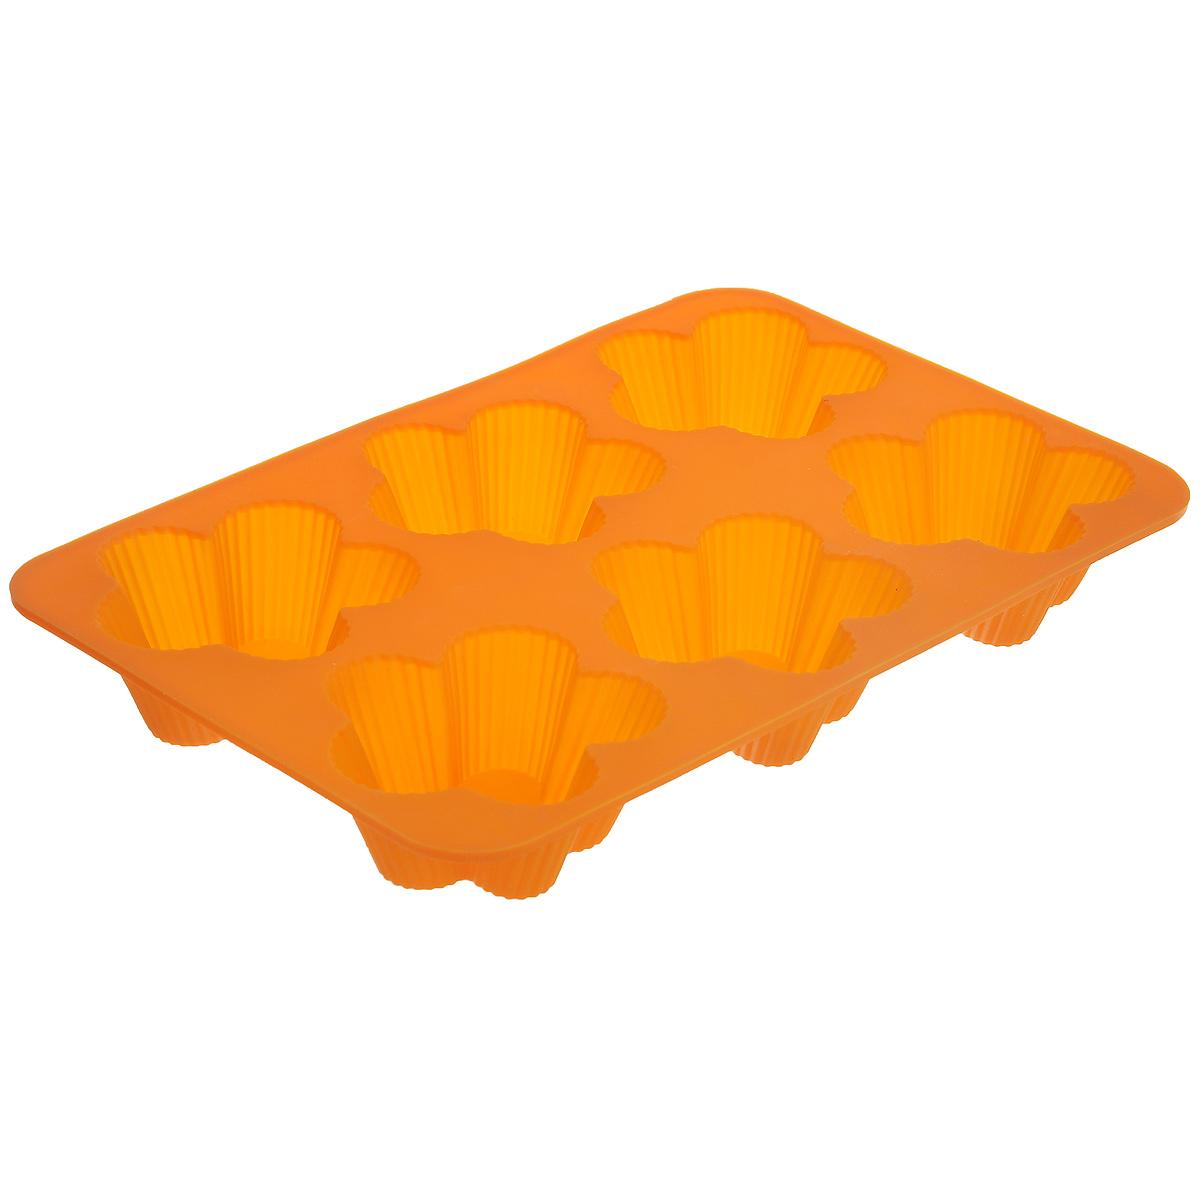 Форма для выпечки Marmiton Цветочки, 6 ячеек, цвет: оранжевый16112_оранжевыйФорма Marmiton Цветочки, изготовленная из высококачественного пищевого силикона, предназначена для приготовления выпечки, льда, конфет, желе, запеканок, шоколада, пудингов. На одном листе расположено 6 ячеек, выполненных в виде цветов. С такой формой вы всегда сможете порадовать своих близких оригинальной выпечкой. Силикон устойчив к фруктовым кислотам, к воздействию низких и высоких температур (выдерживает температуру от 240°C до - 40°C). Не взаимодействует с продуктами питания и не впитывает их запахи, как при нагревании, так и при заморозке. Обладает естественными антипригарными свойствами. Неприлипающая поверхность идеальна для духовки, морозильника, микроволновой печи и аэрогриля. Из формы легко и быстро можно достать выпечку. Силиконовая форма также практична при хранении за счет гибкости, ее можно смело мыть в посудомоечной машине. Общий размер формы: 25,5 см х 17,5 см х 3 см. Размер ячейки: 7,5 см х 7,5 см х 3 см.